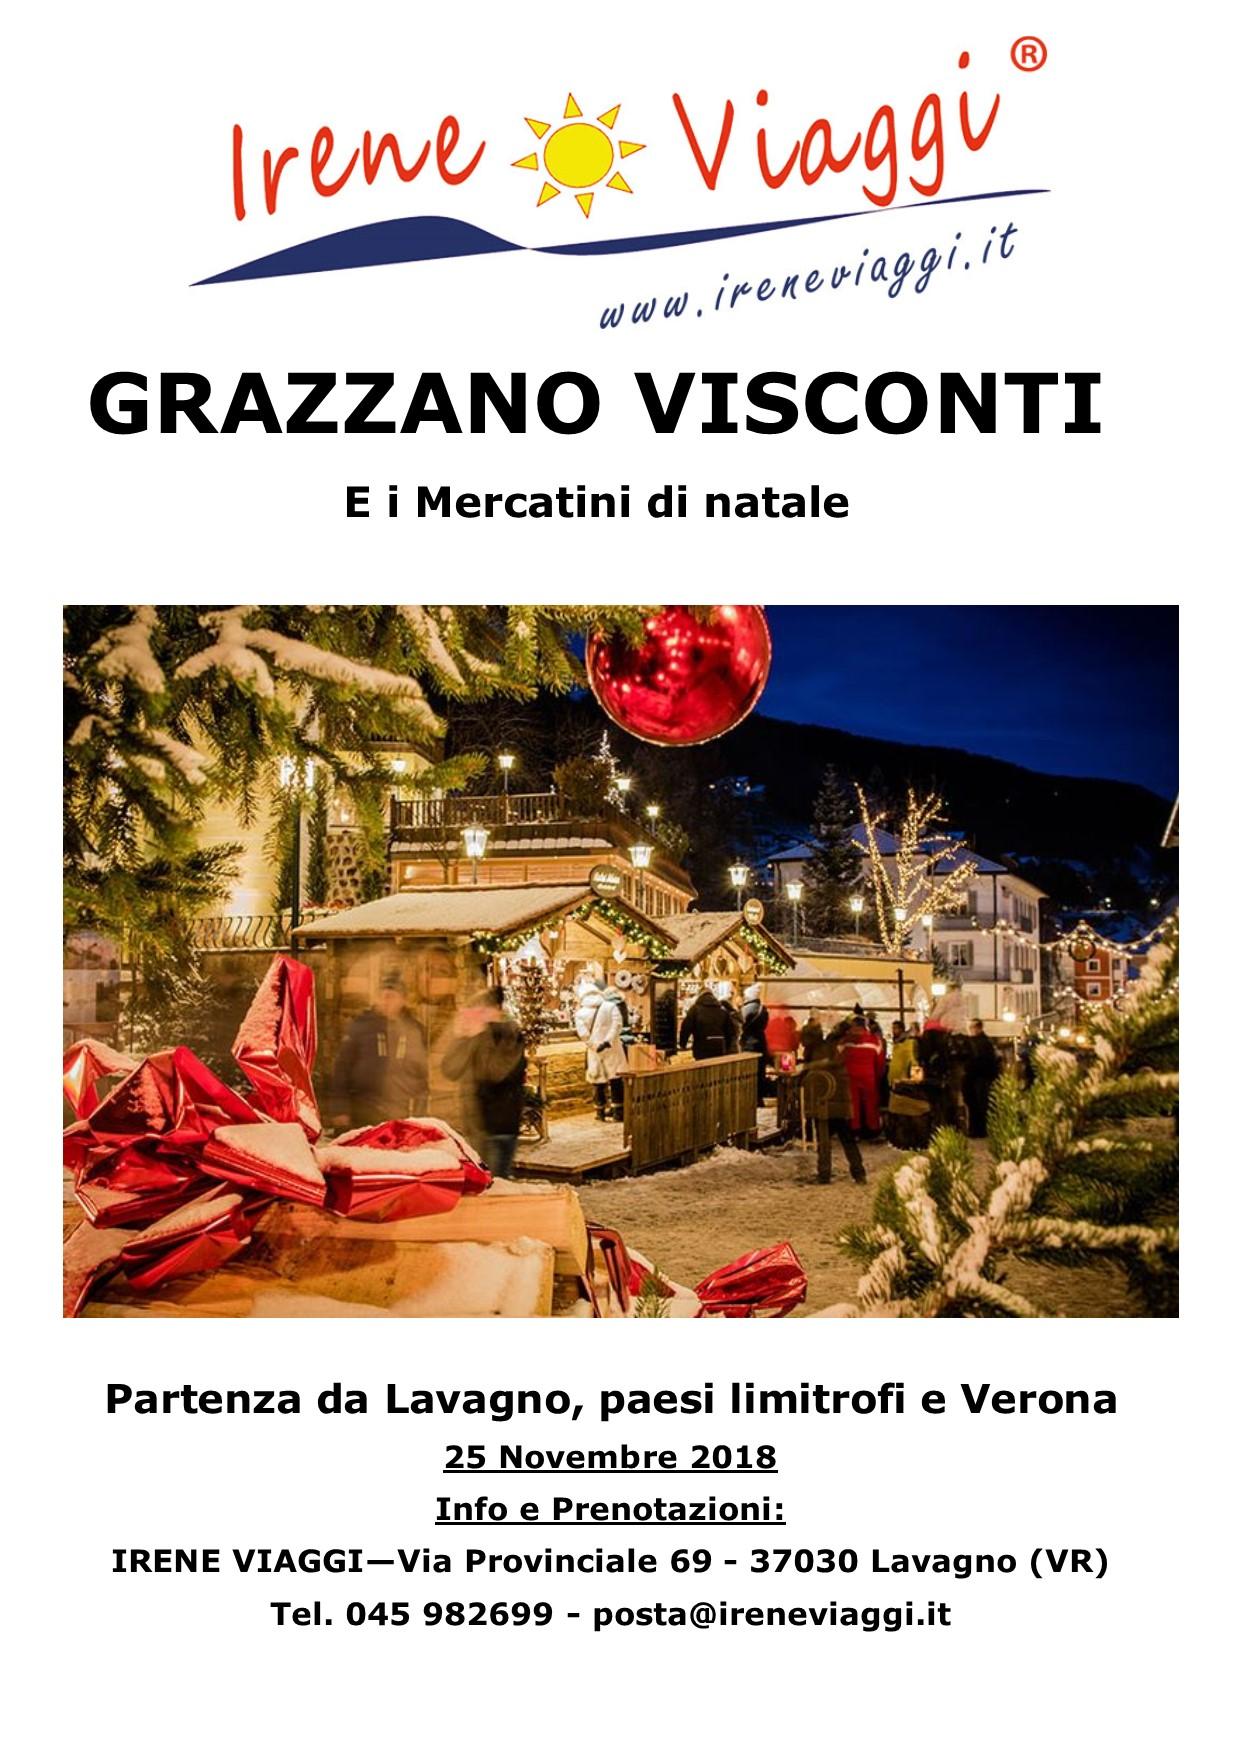 Natale a Grazzano Visconti